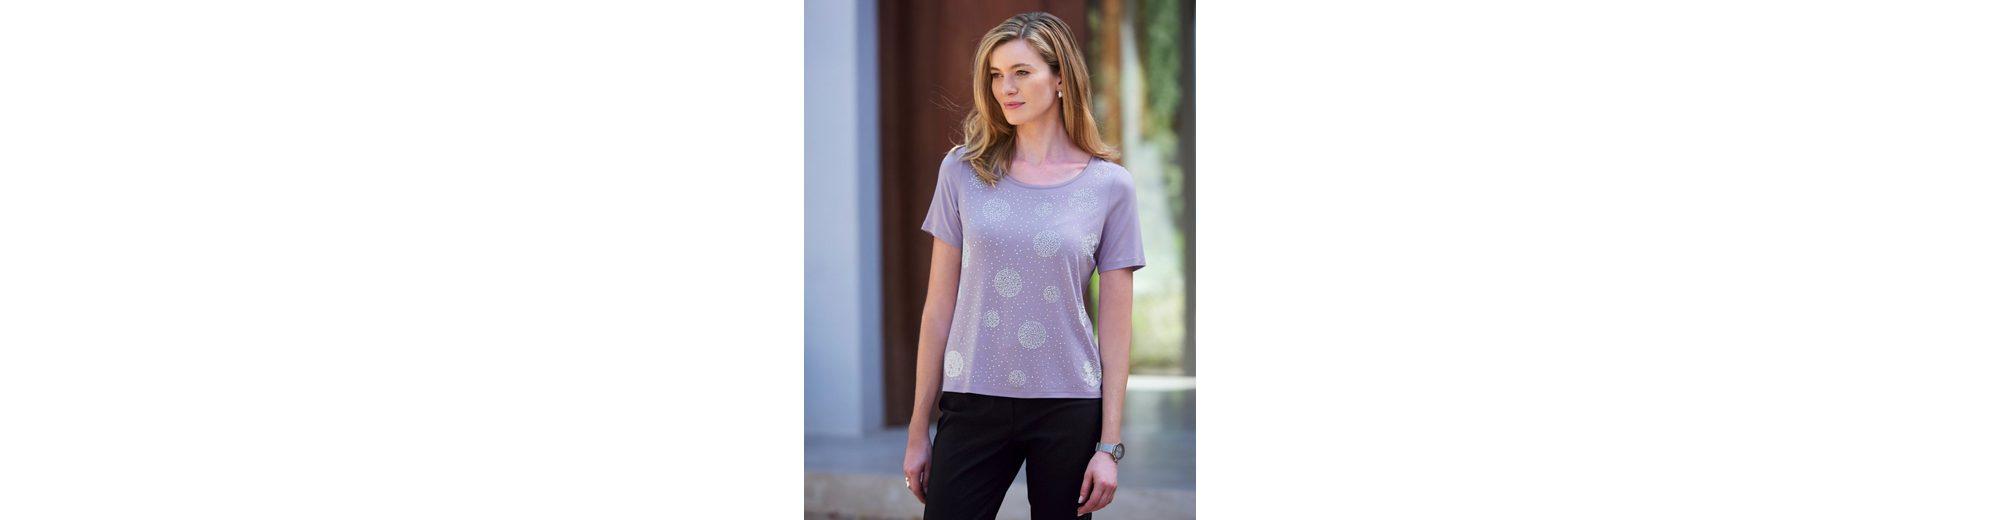 Mona Shirt mit Strass-Steinen und Zierplättchen Heißen Verkauf Zum Verkauf Spielraum Kaufen BXIEmhm